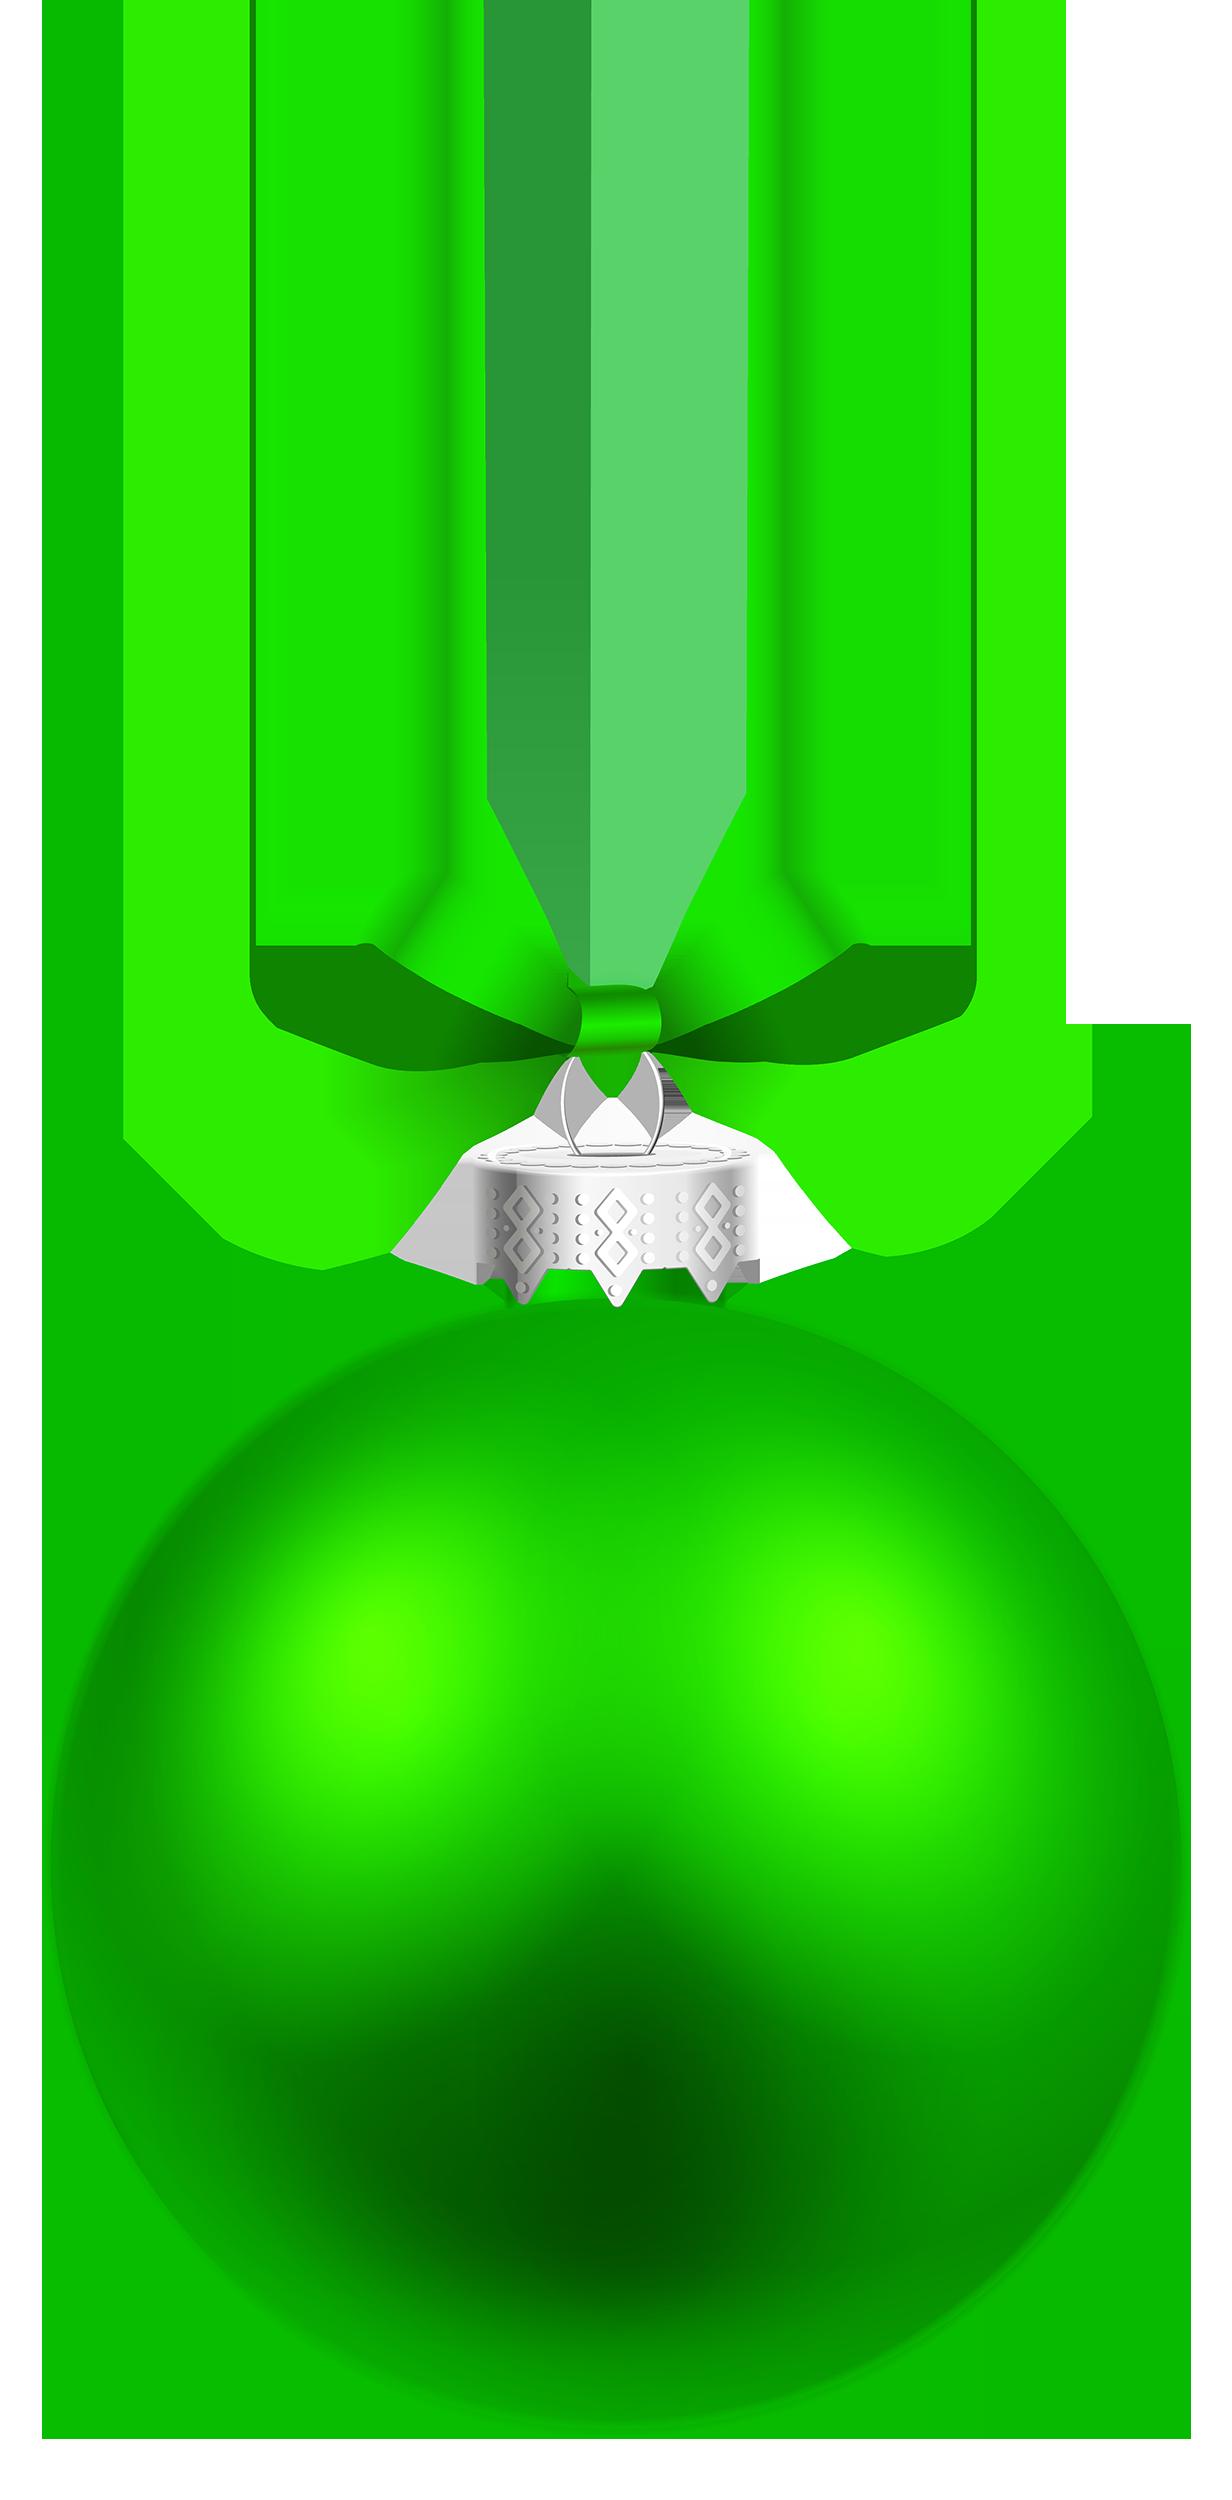 Green Ornament Clipart.